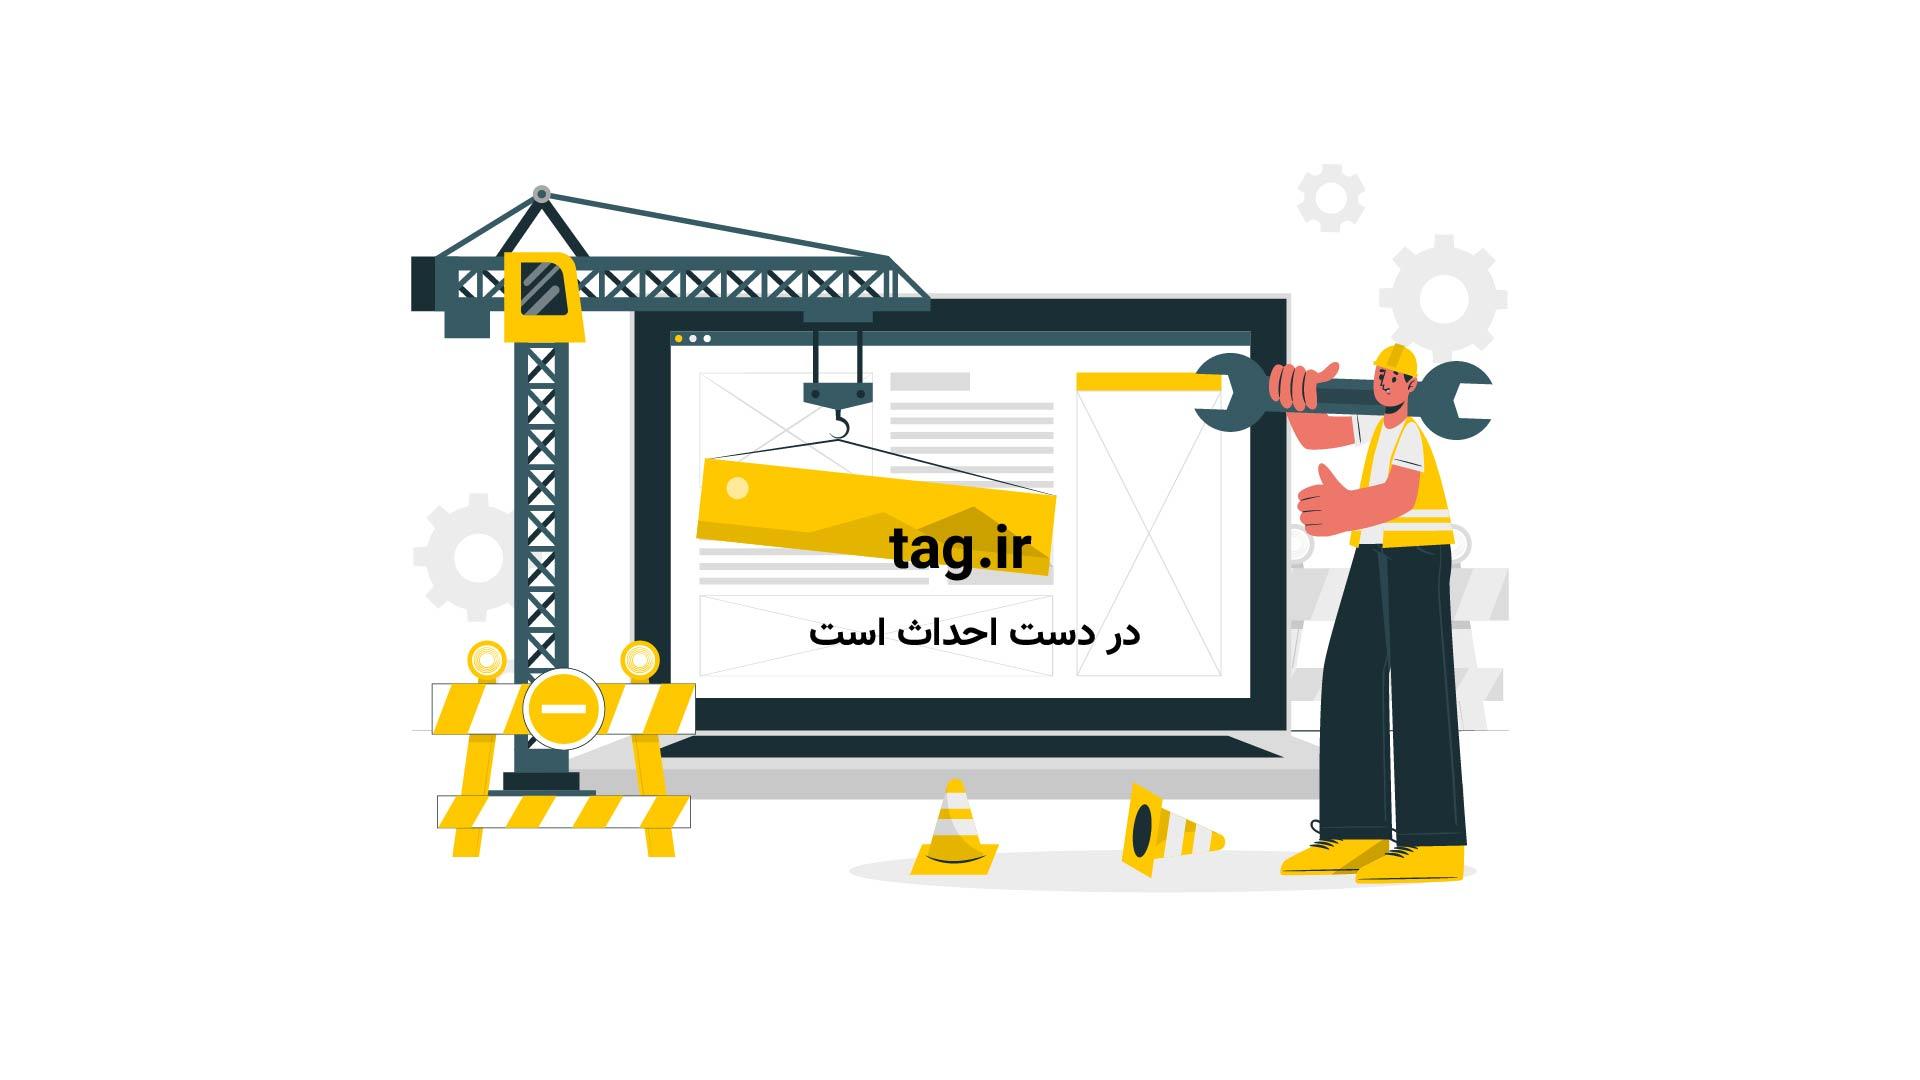 گسترش همکاریهای نظامی ایران و ترکیه | فیلم